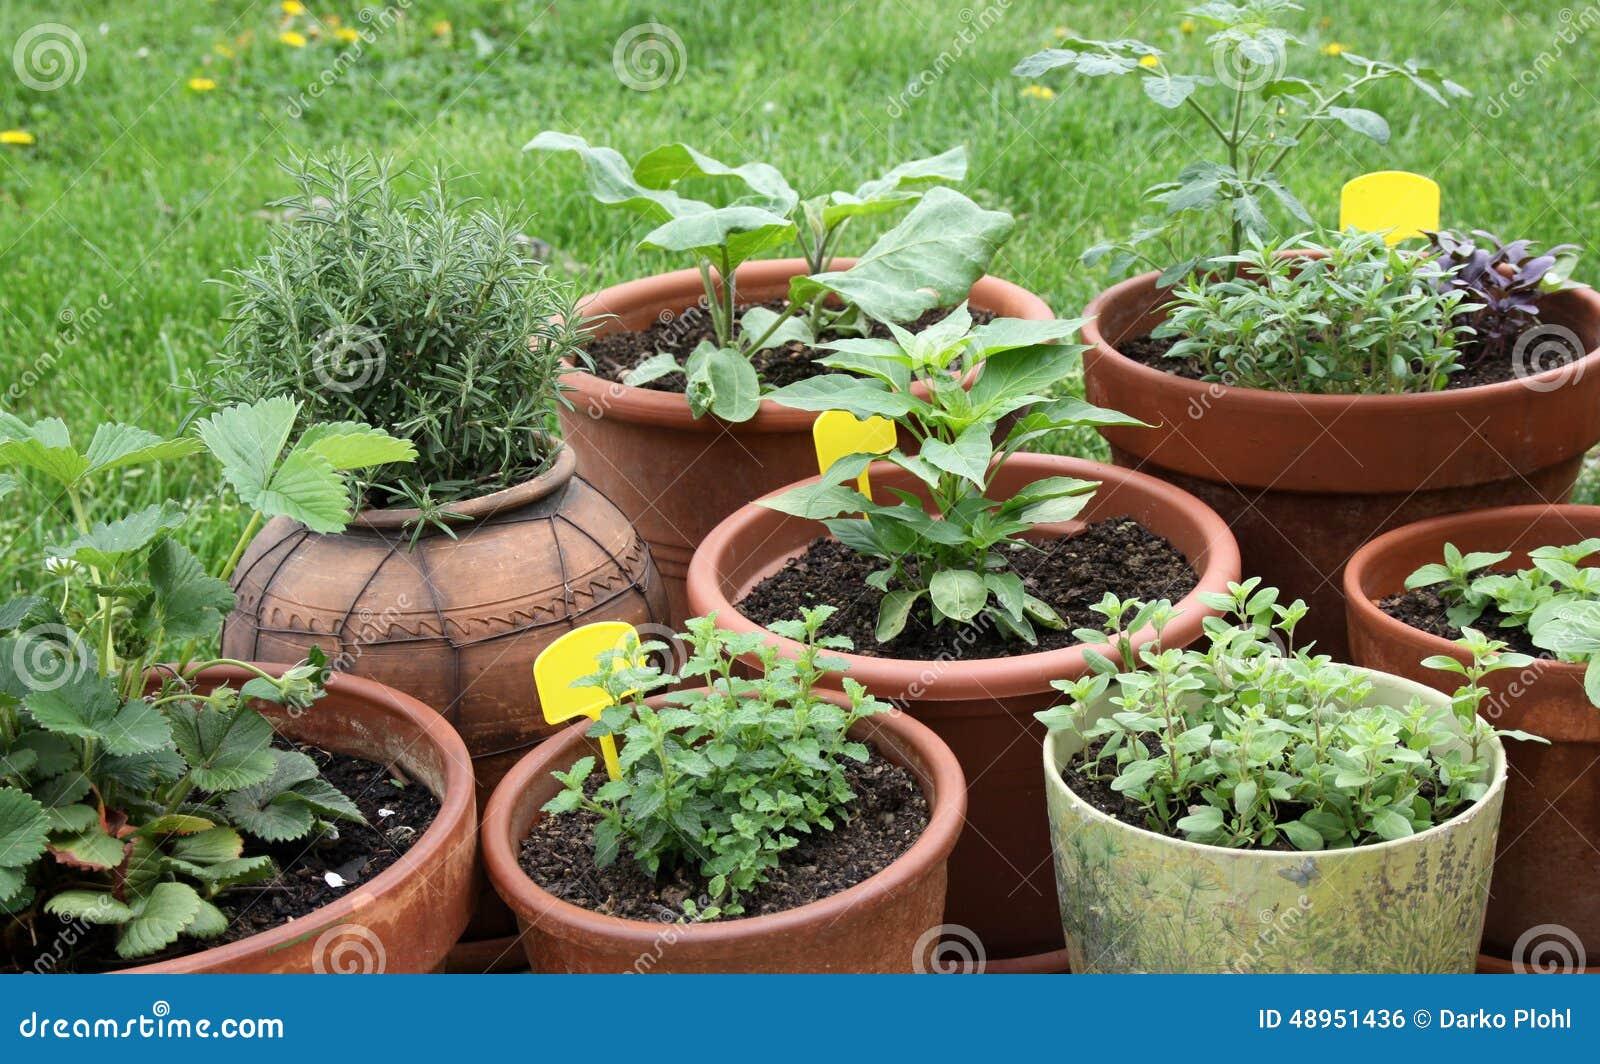 Plantes Aromatiques Sur Terrasse s'élevant végétal, herbes et plantes aromatiques dans des